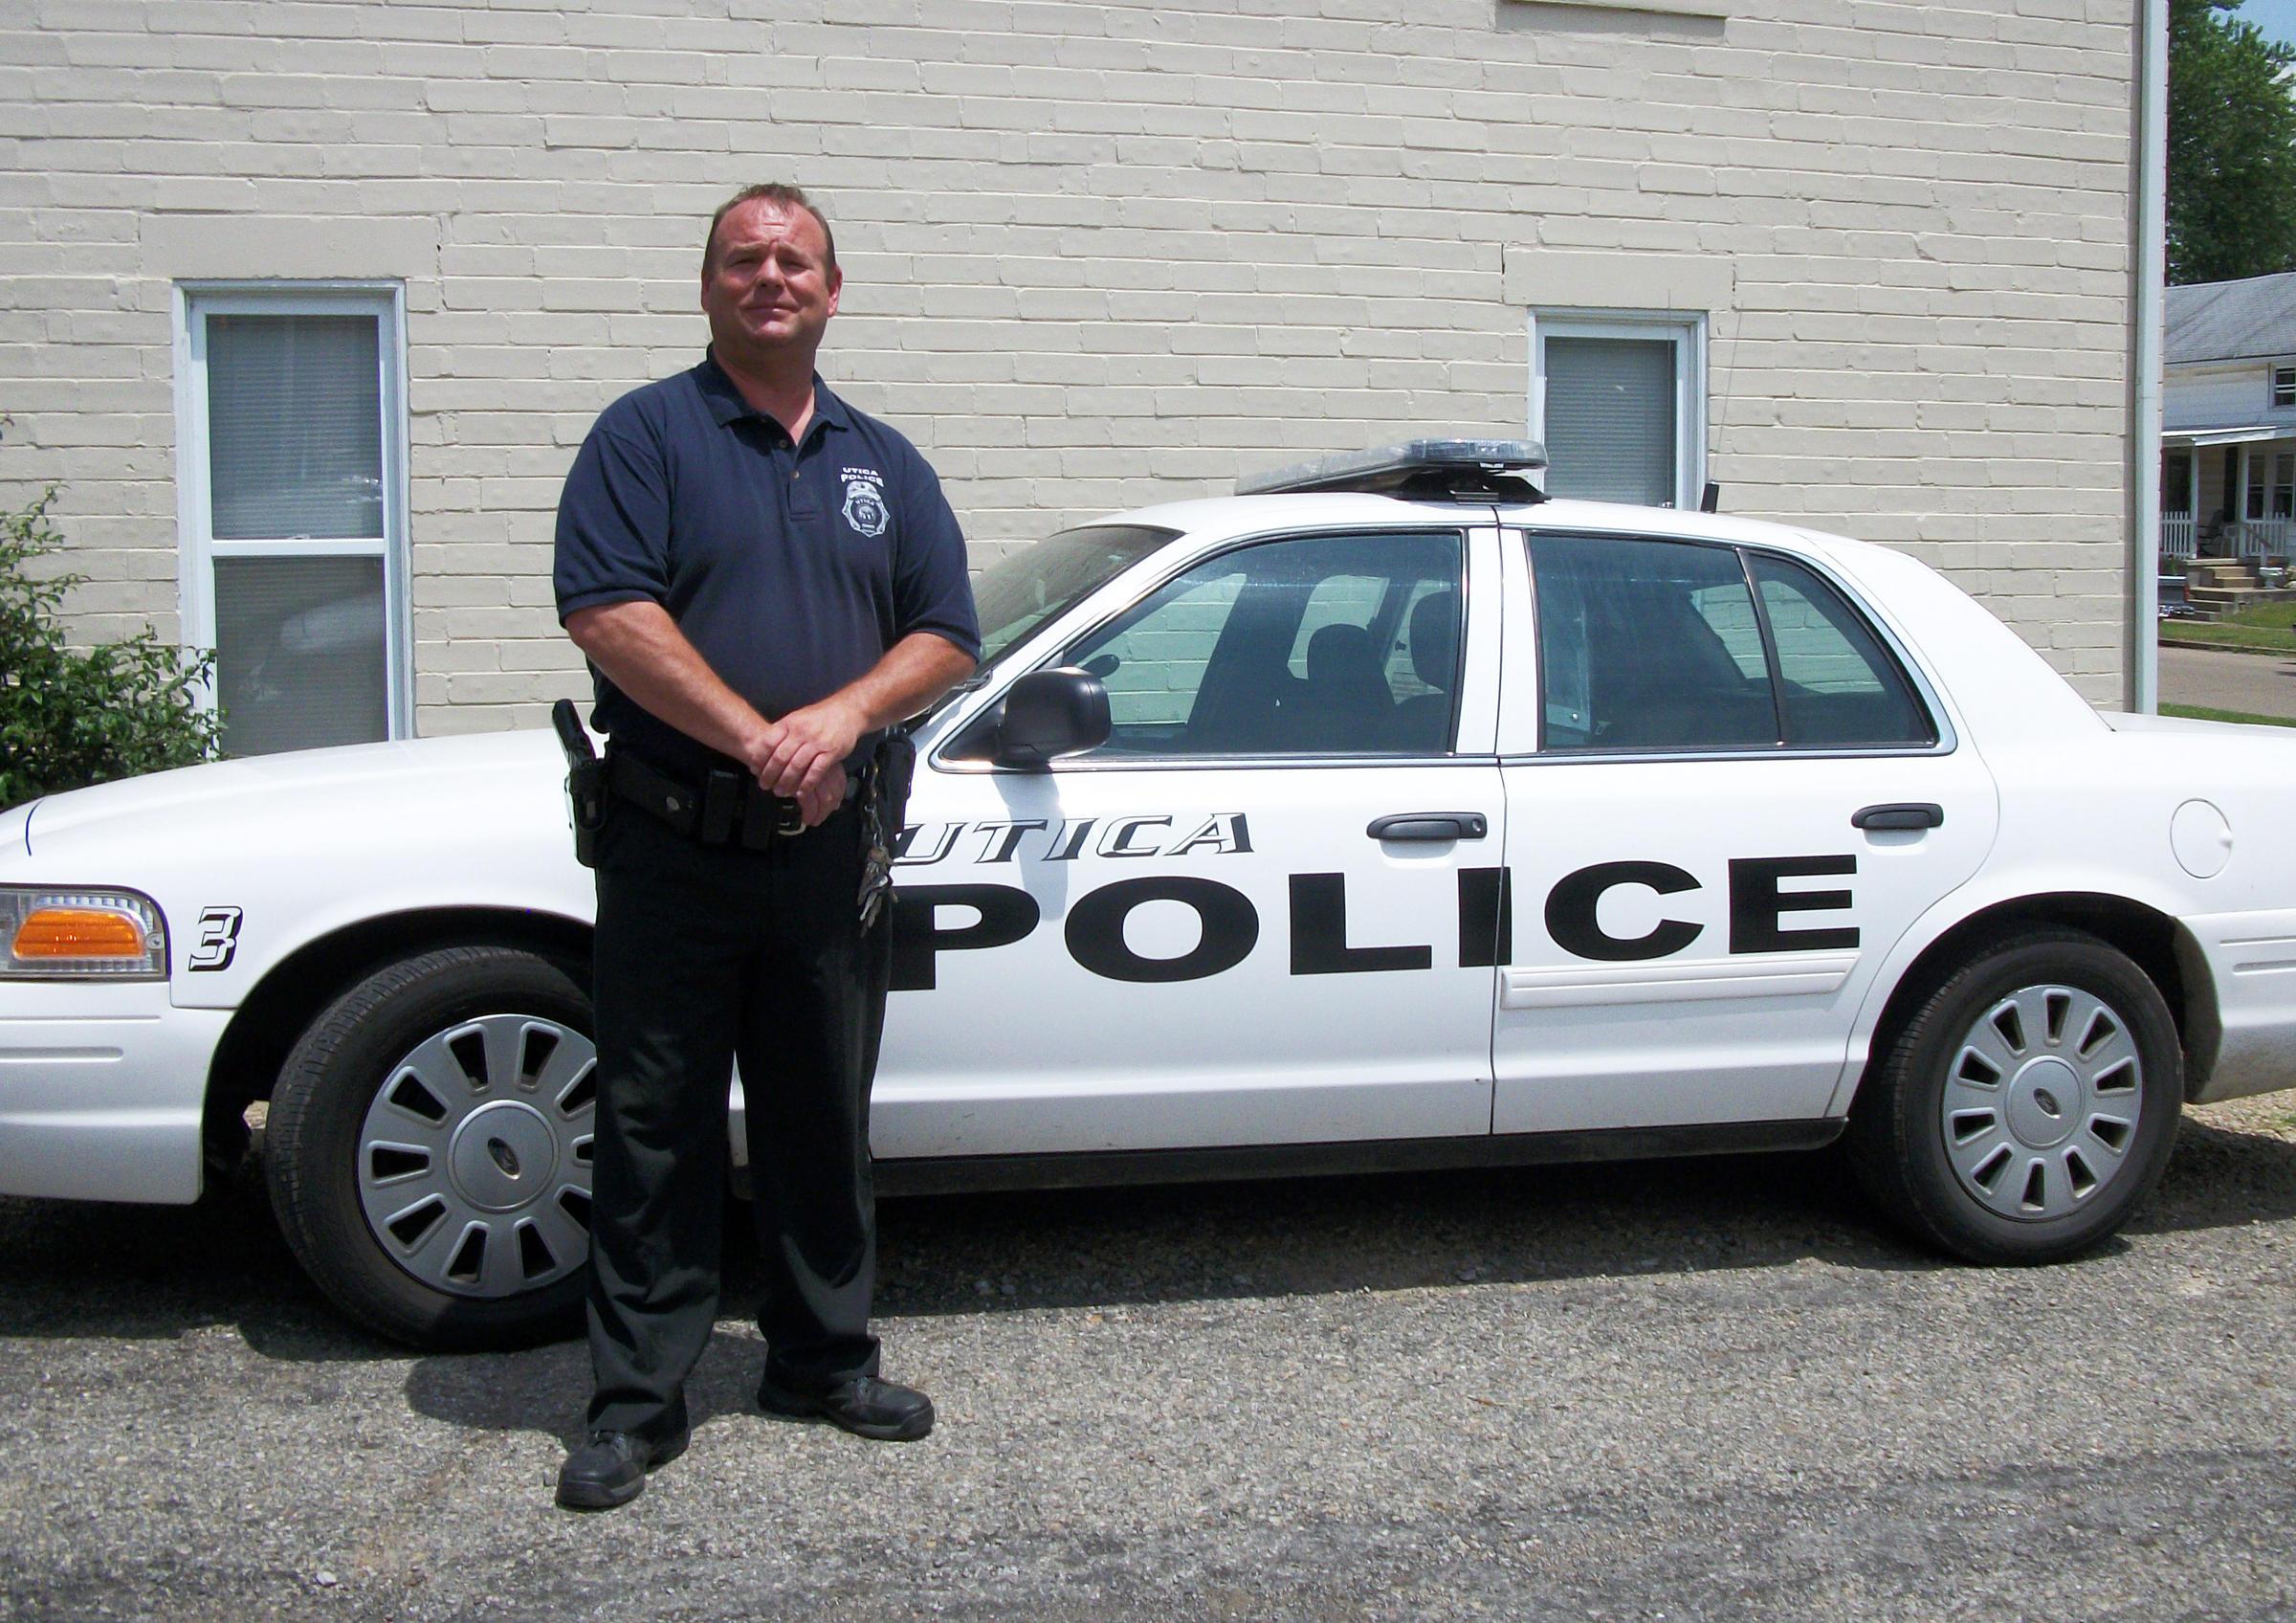 Chief Clifford Bigler runs the Utica Police